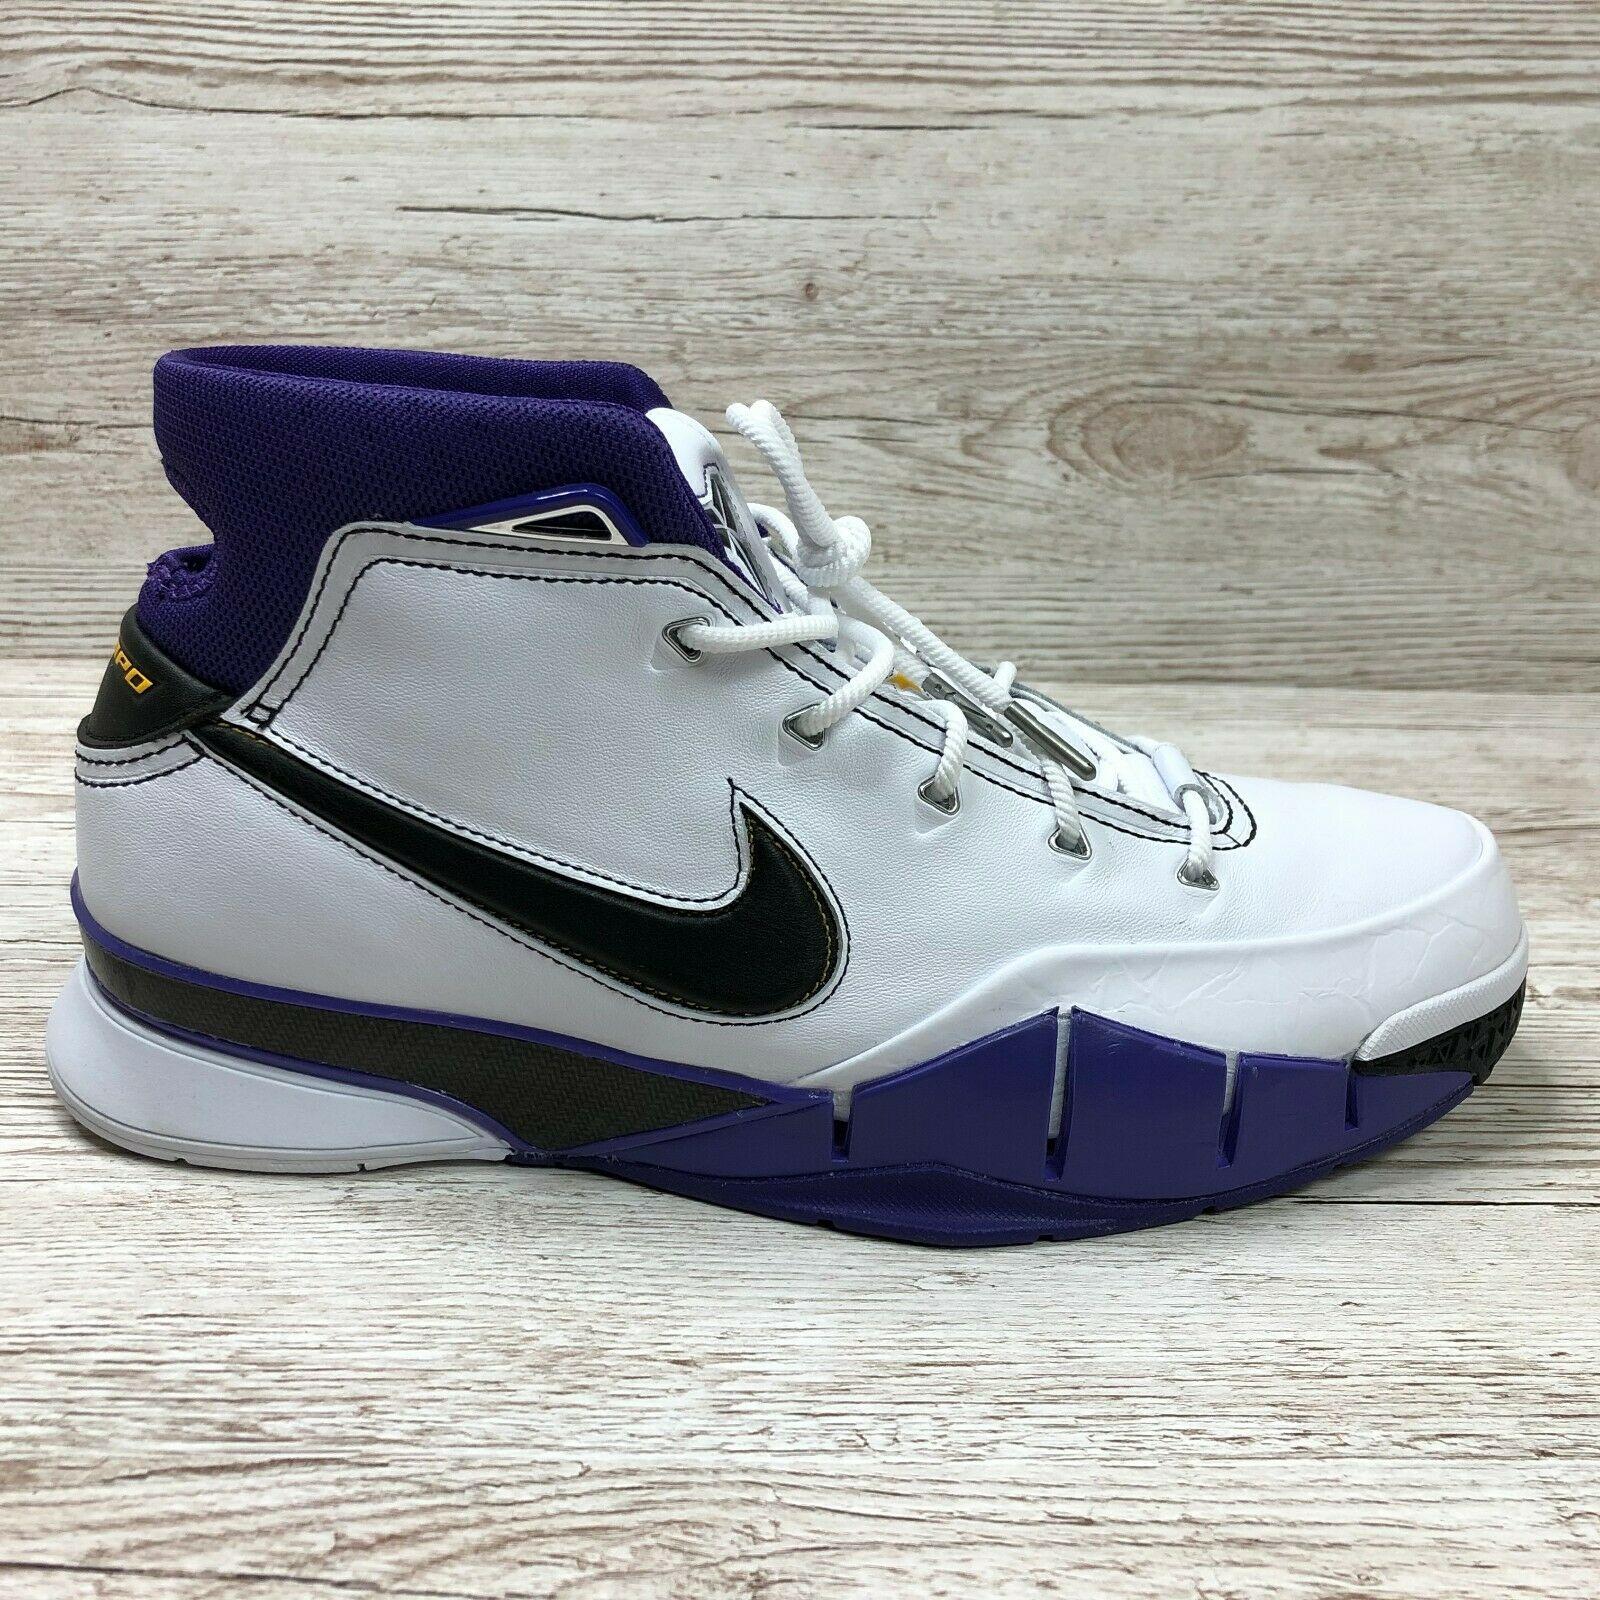 Nike Kobe 1 Protro 81 Pt Game